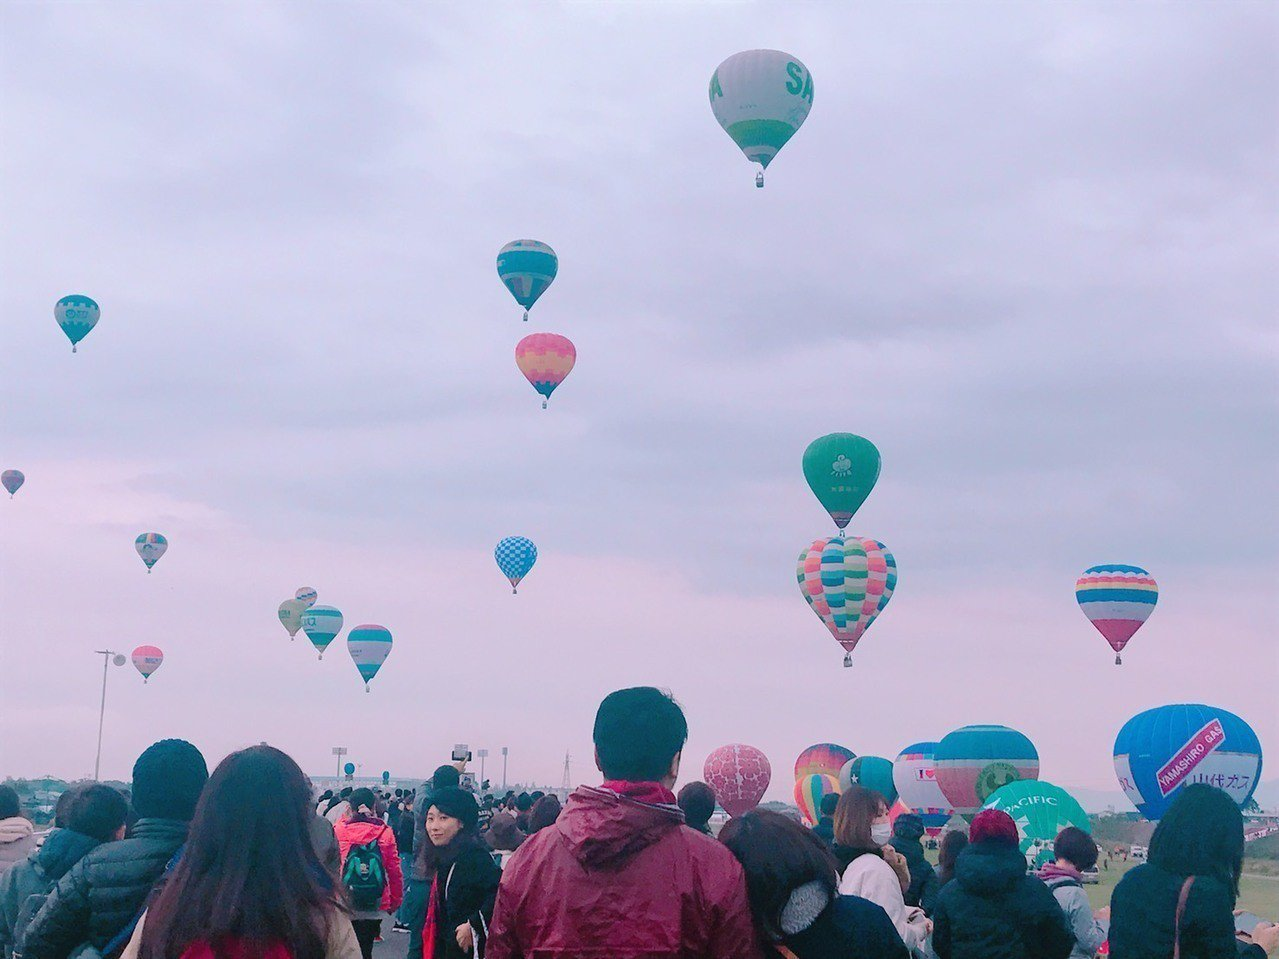 亞洲規模最大的日本佐賀熱氣球節今(31)日登場,有來自17個國家地區,共111顆...